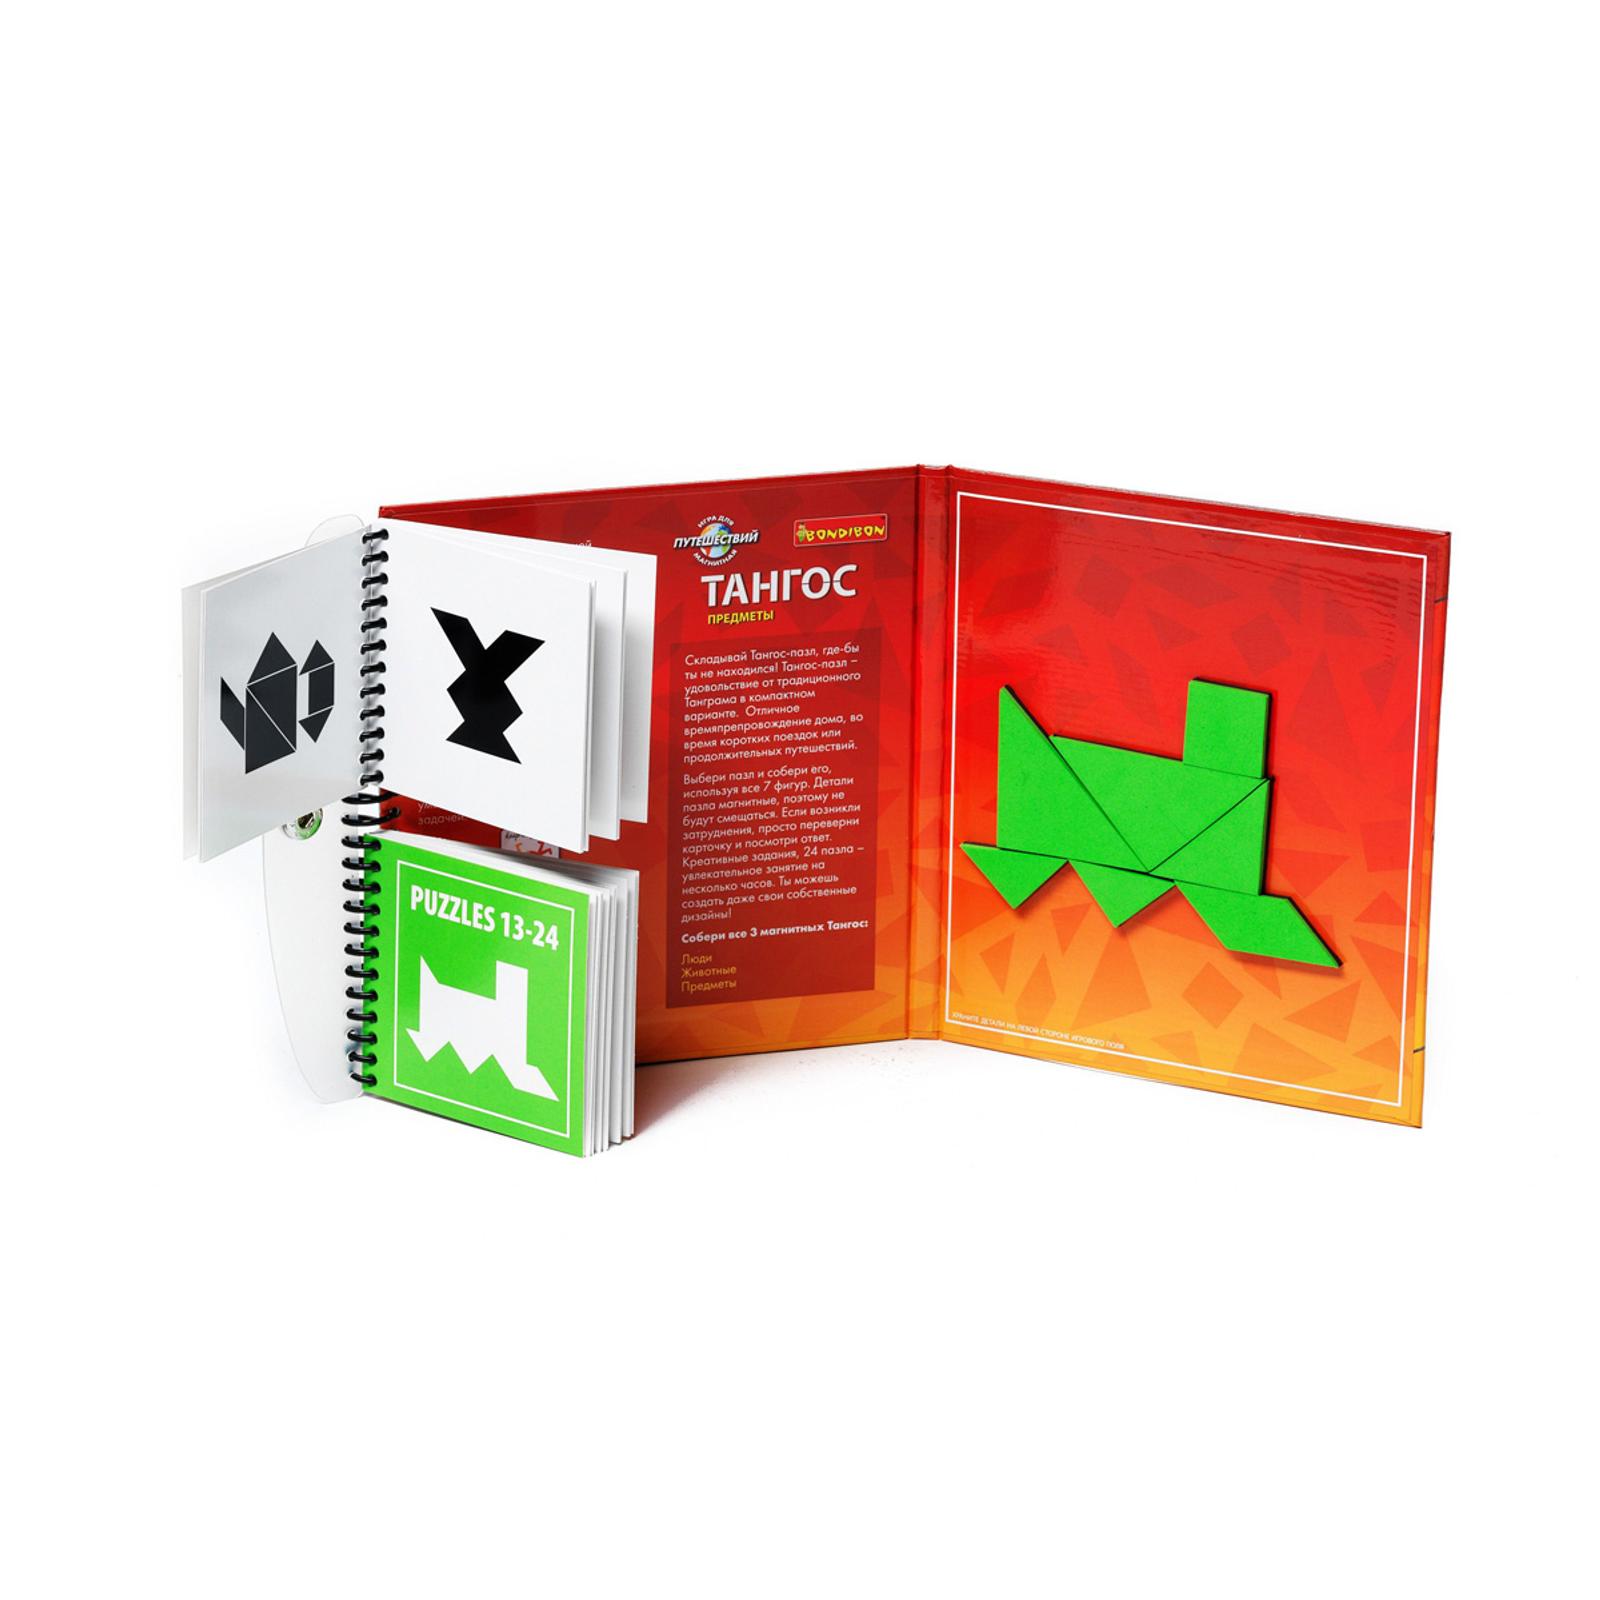 Магнитные игры для путешествий Bondibon Тангос предметы<br>